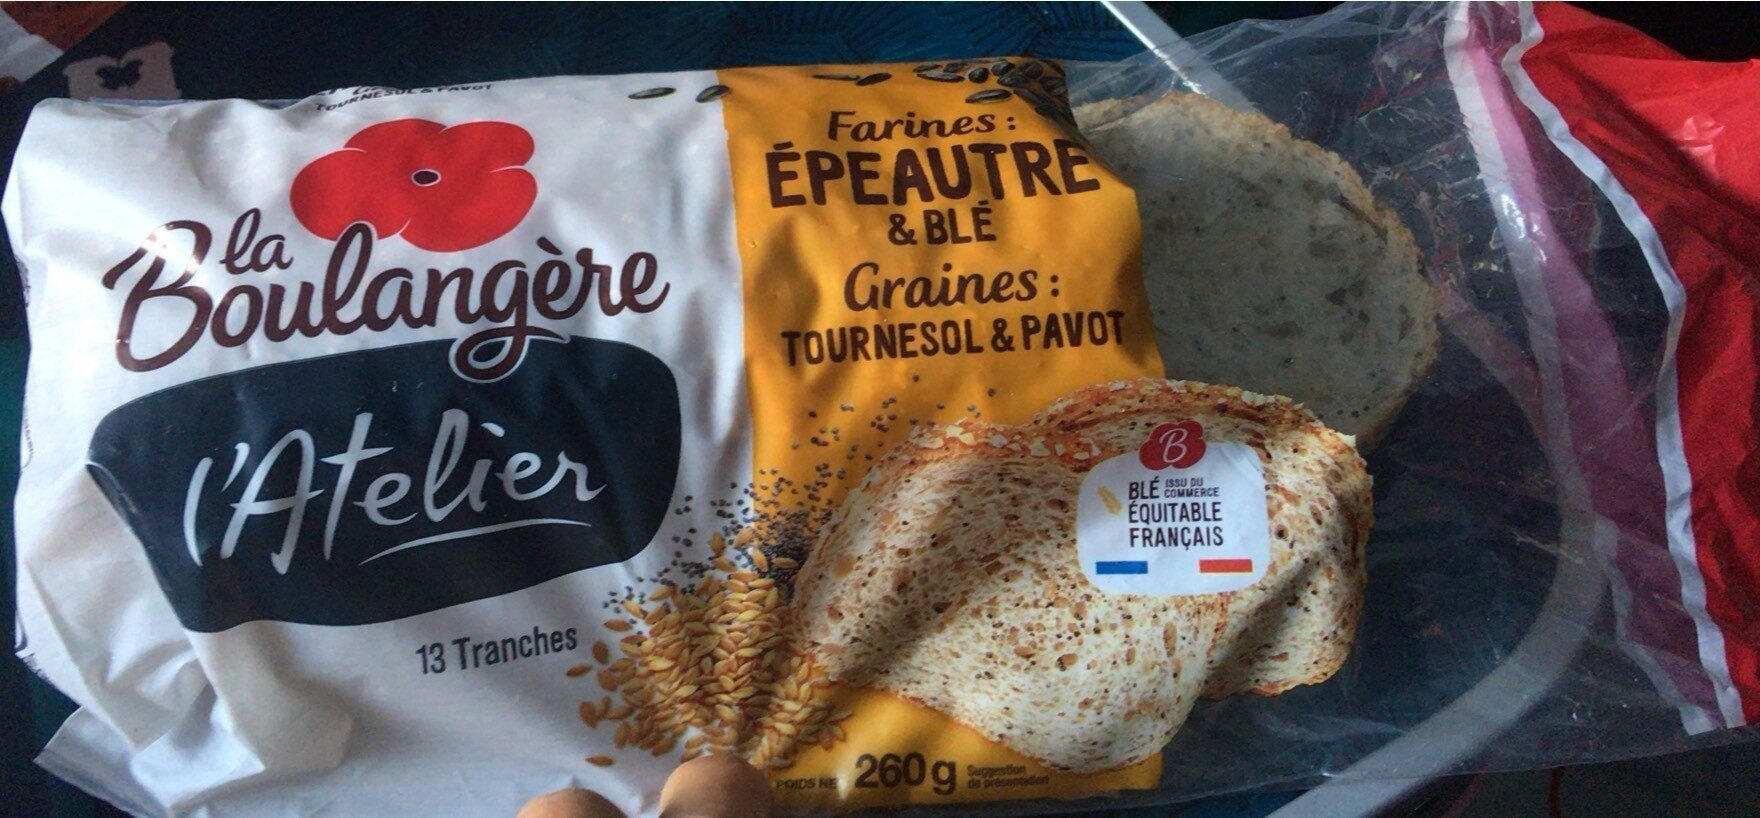 L'Atelier à la farine d'Épeautre & Blé, graines de Tournesol et Pavot - 260g - Prodotto - fr